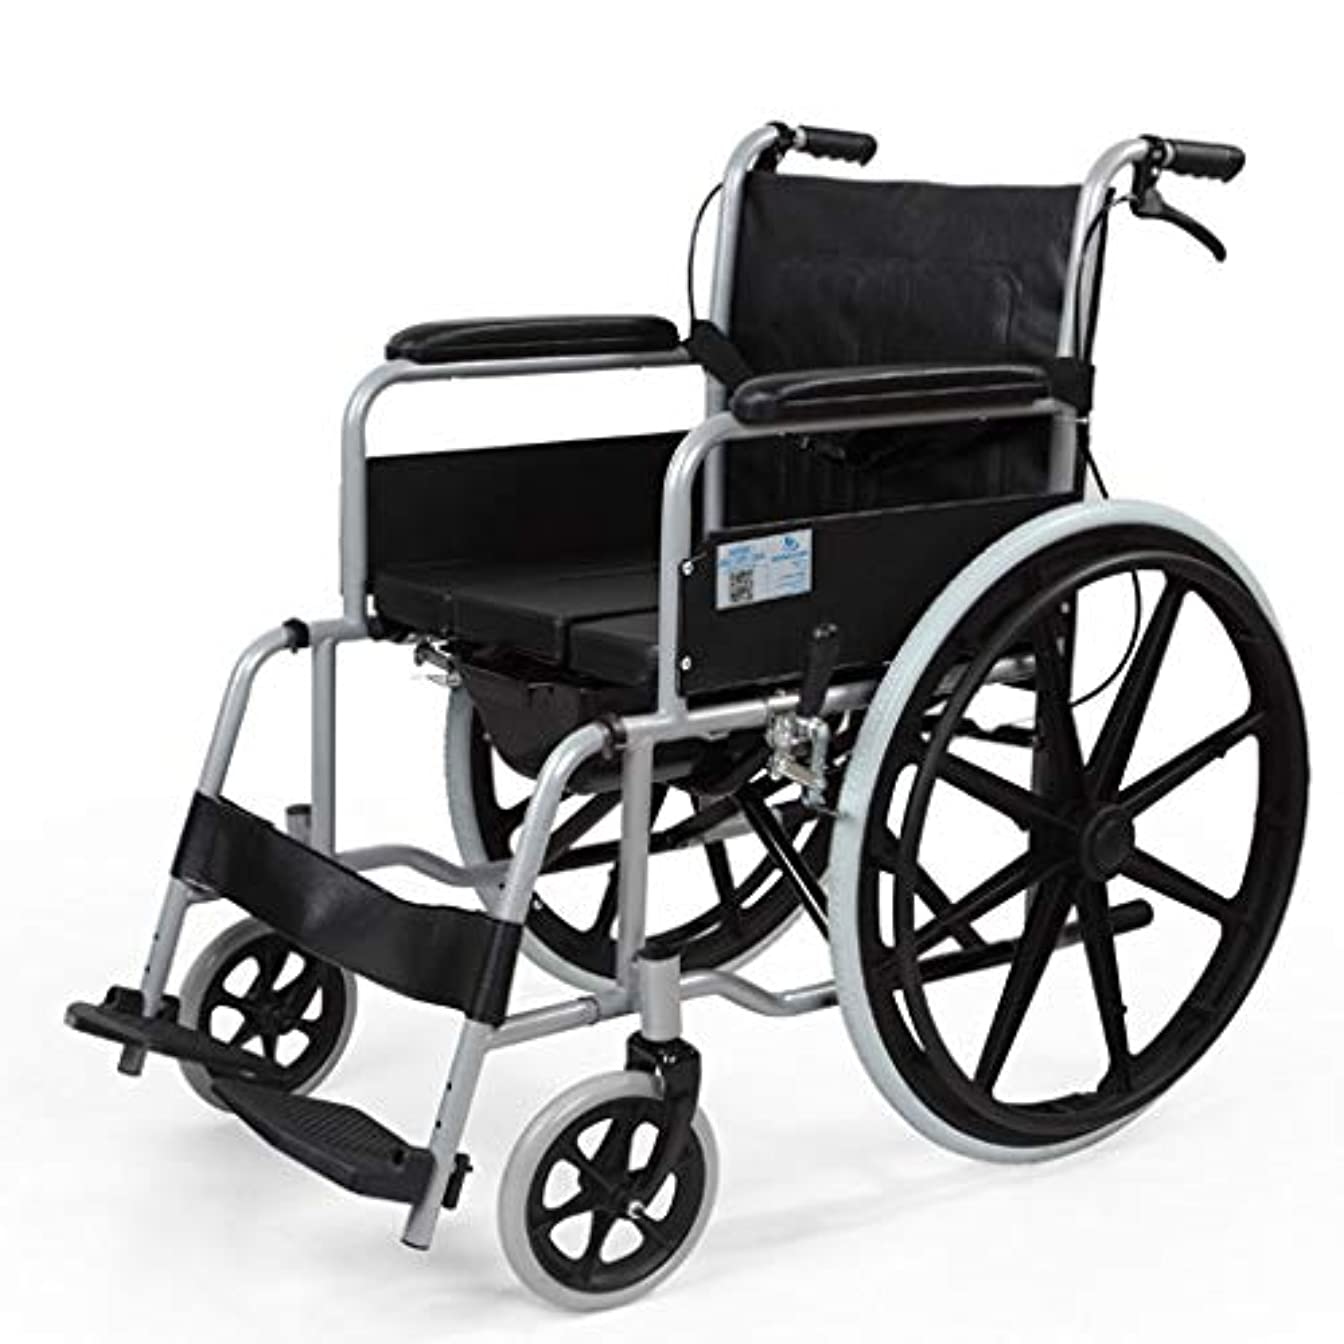 フレキシブルライバル後高齢者用車椅子、4つのブレーキ、軽量アルミニウム折りたたみ式自走式車椅子